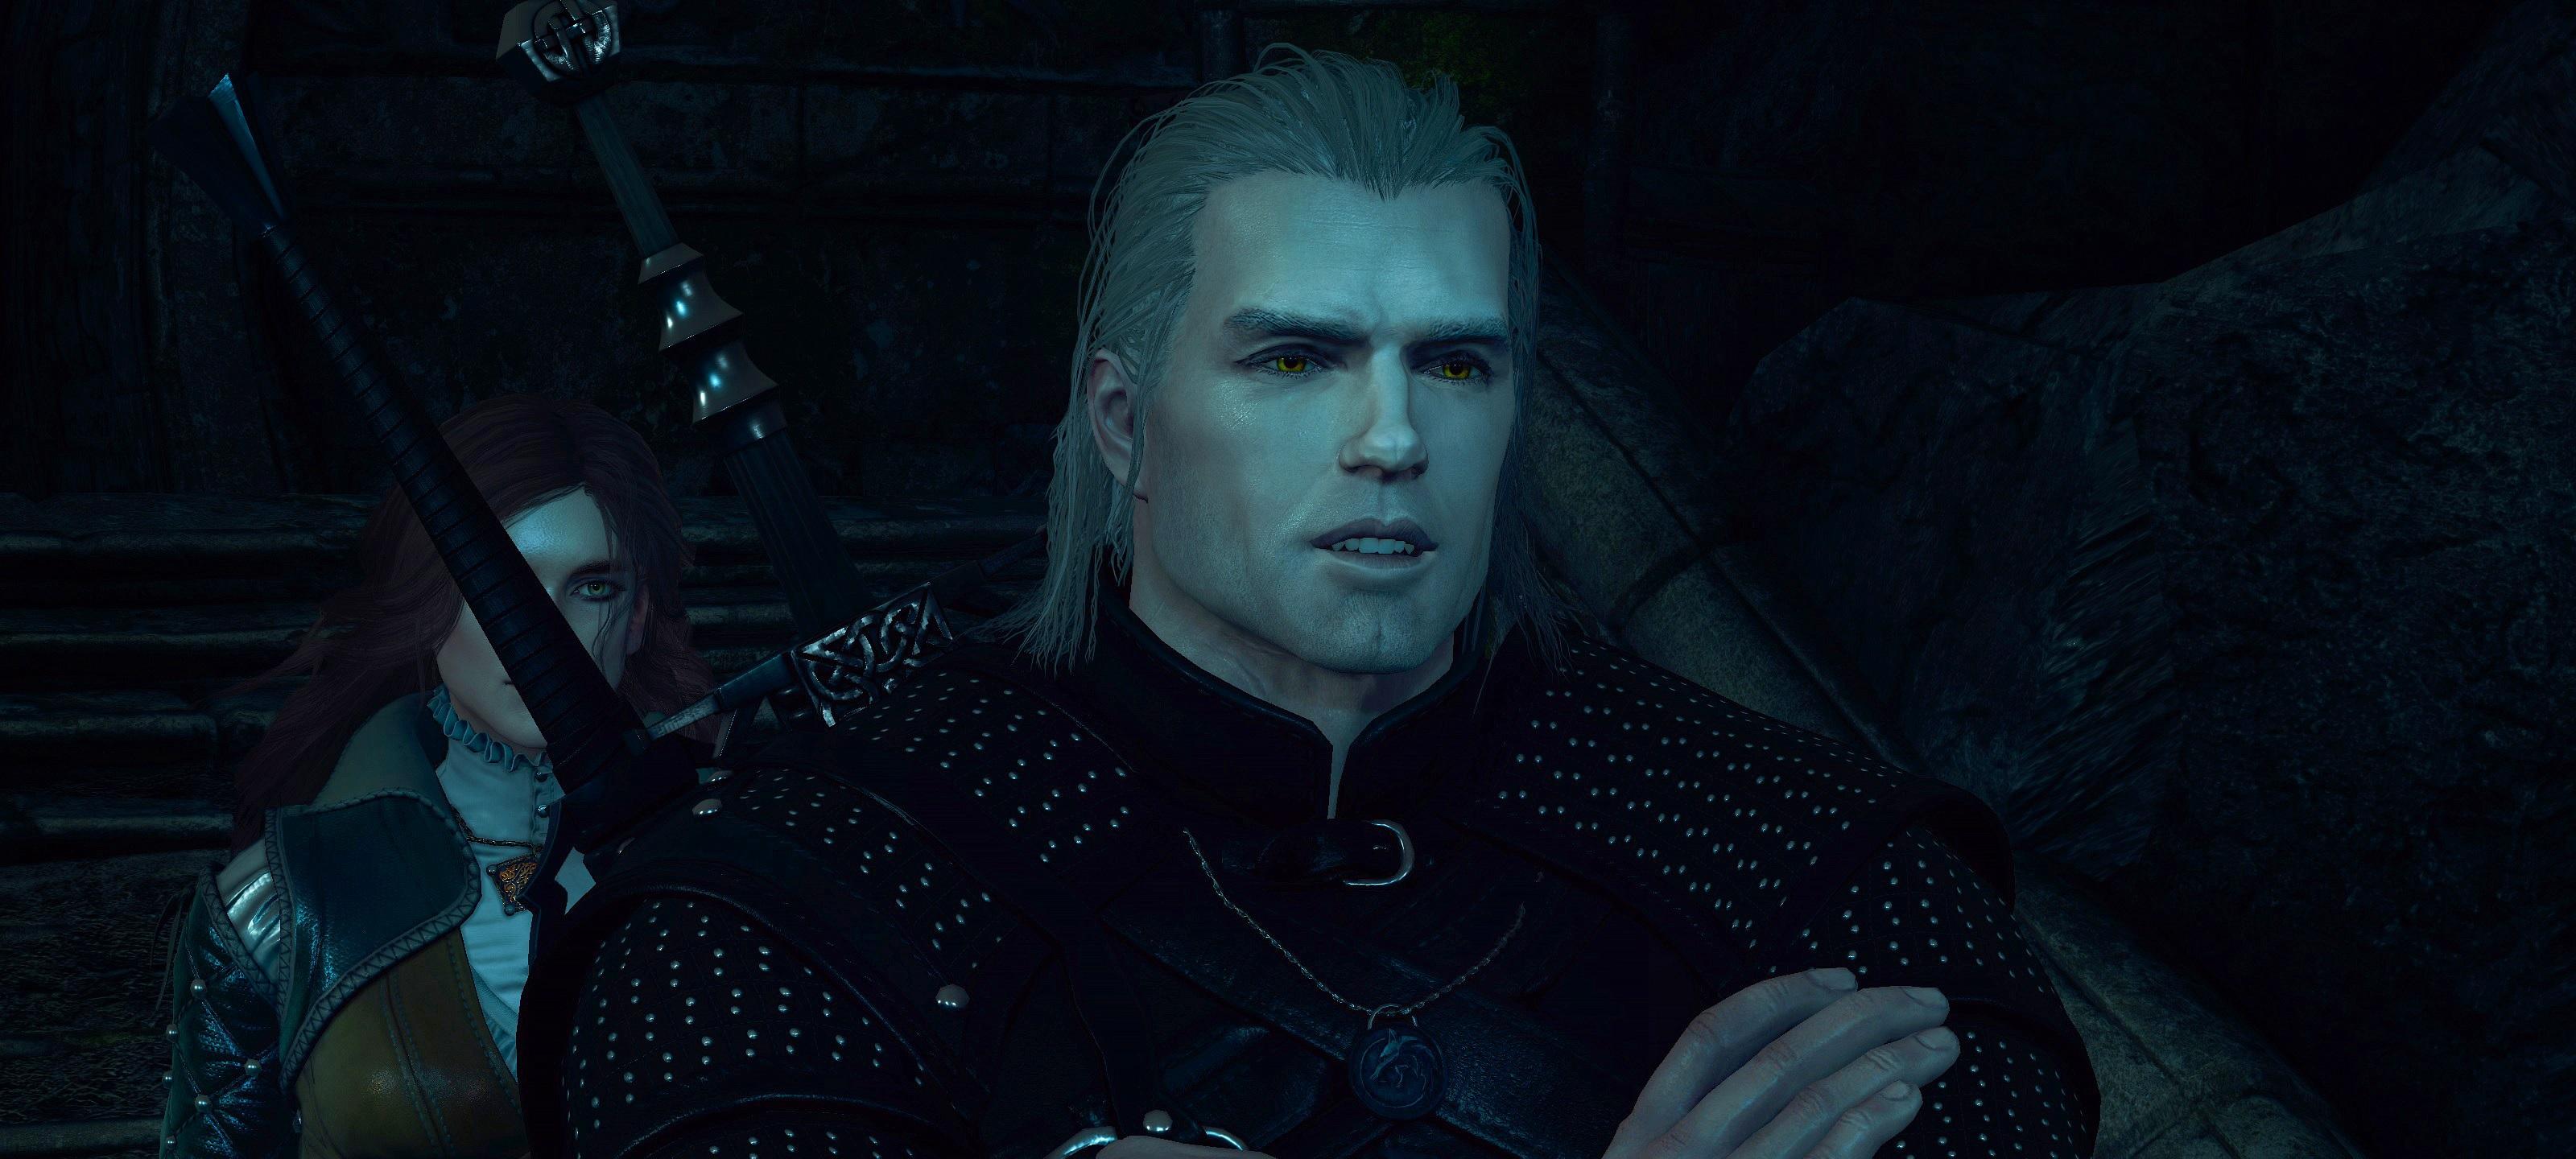 Nueva Mod para The Brujo 3 Tratando de reemplazar a Geralt con Henry Cavill 2